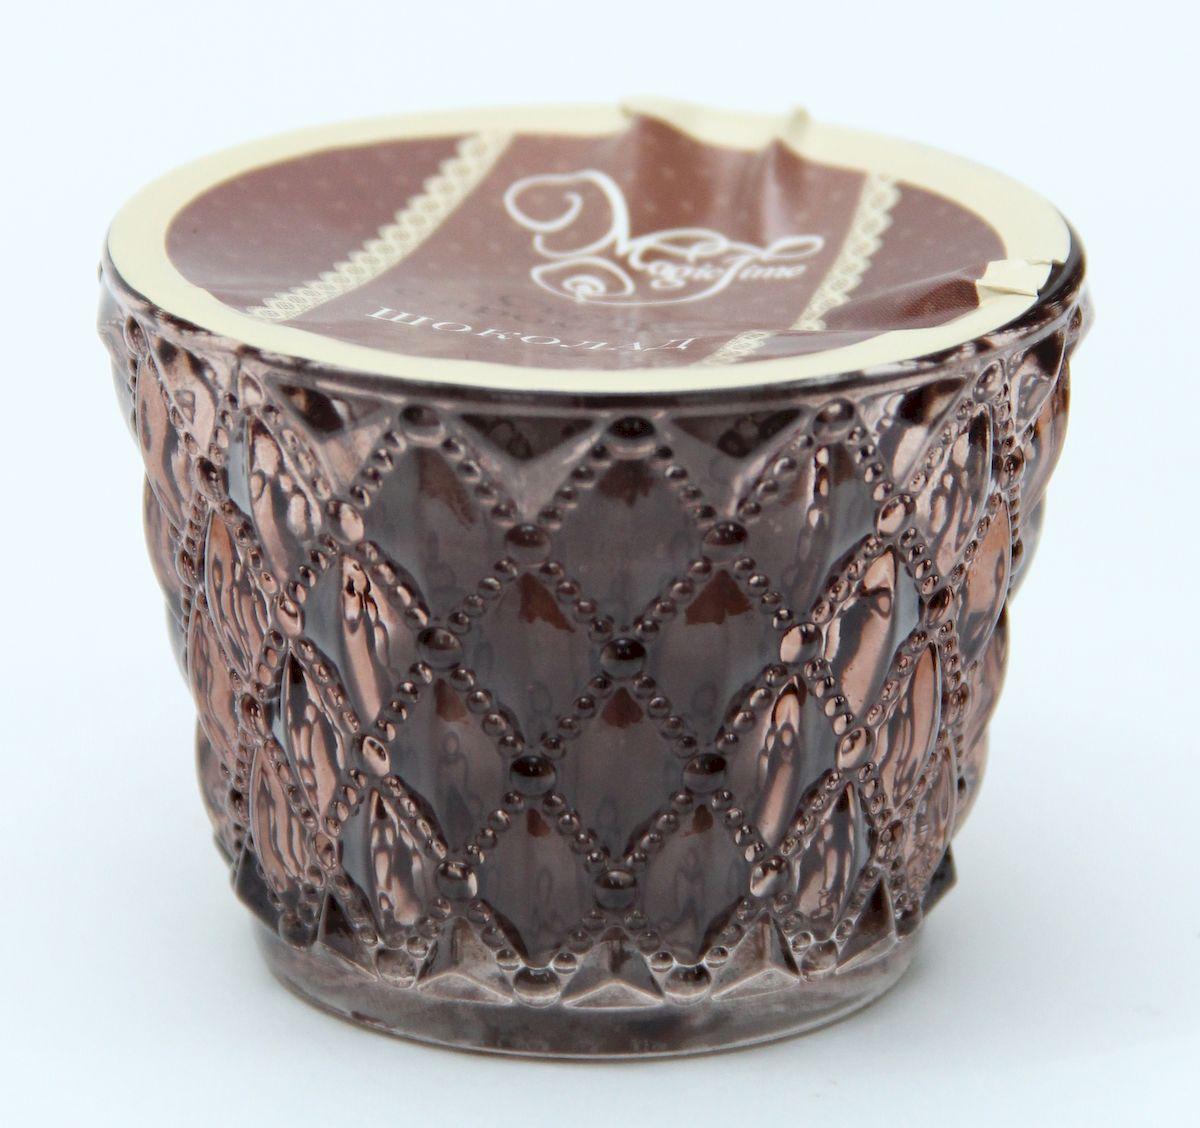 Декоративная ароматизированная парафиновая свеча Magic Home. 4122741227Оригинальная свеча, с тонким, нежным ароматом, добавит немного романтики и уюта в вашем доме. Такая свеча может стать прекрасным подарком на любой случай.